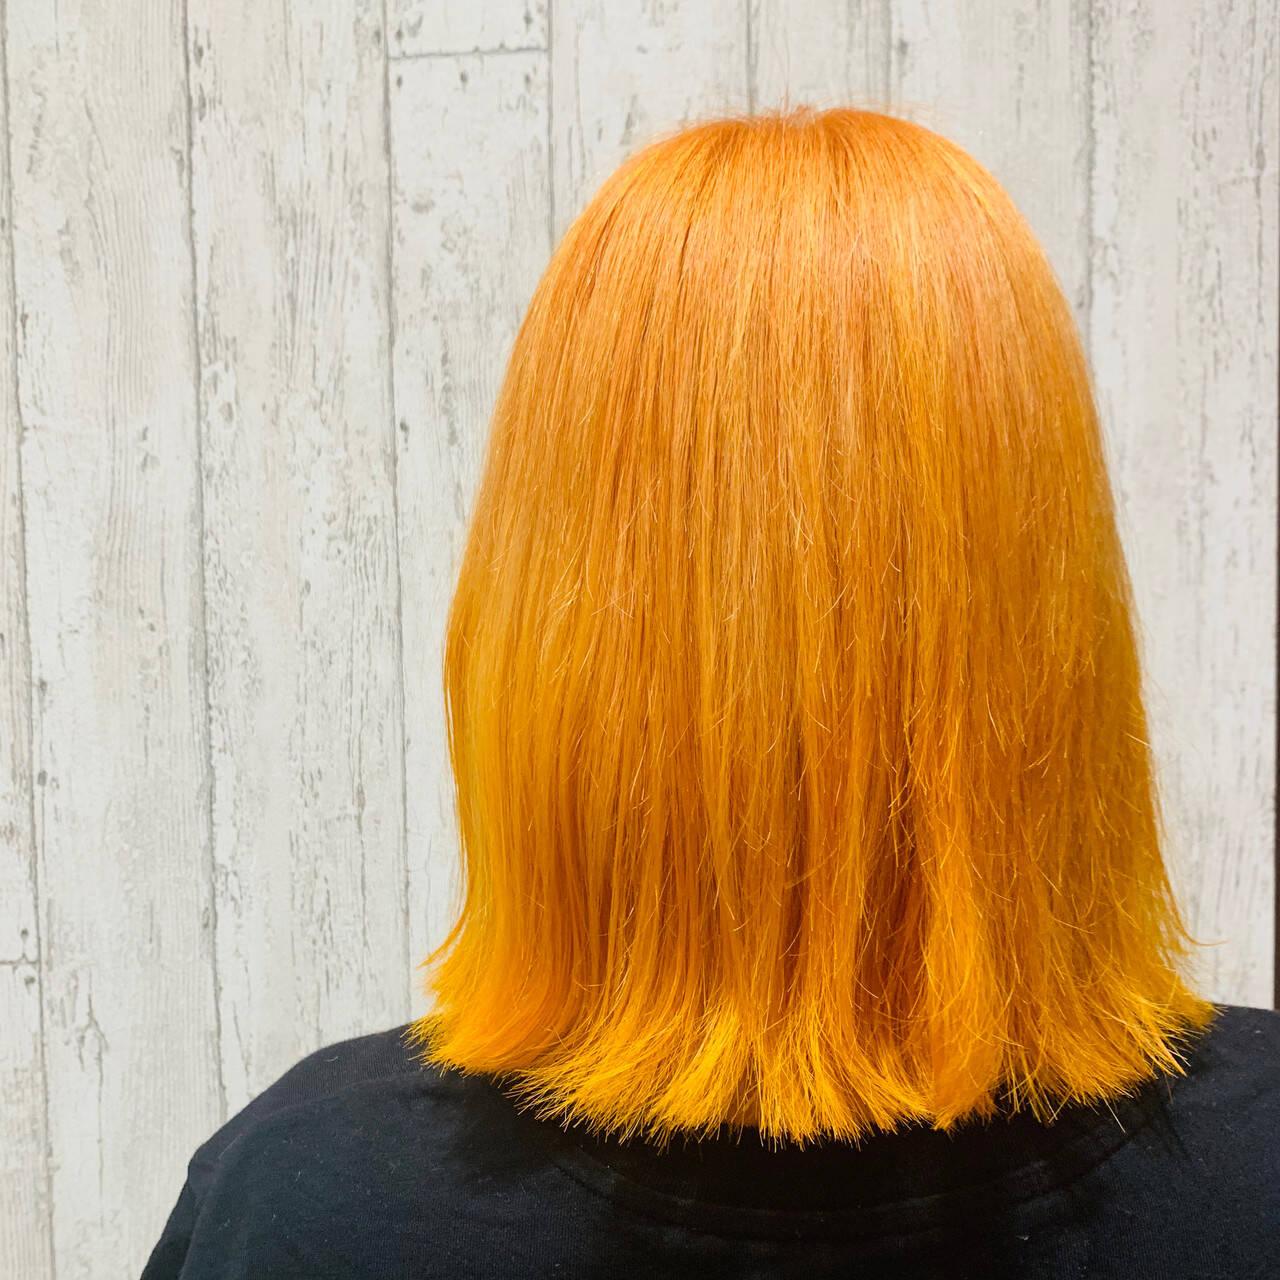 ヘアアレンジ オレンジカラー ガーリー ボブヘアスタイルや髪型の写真・画像